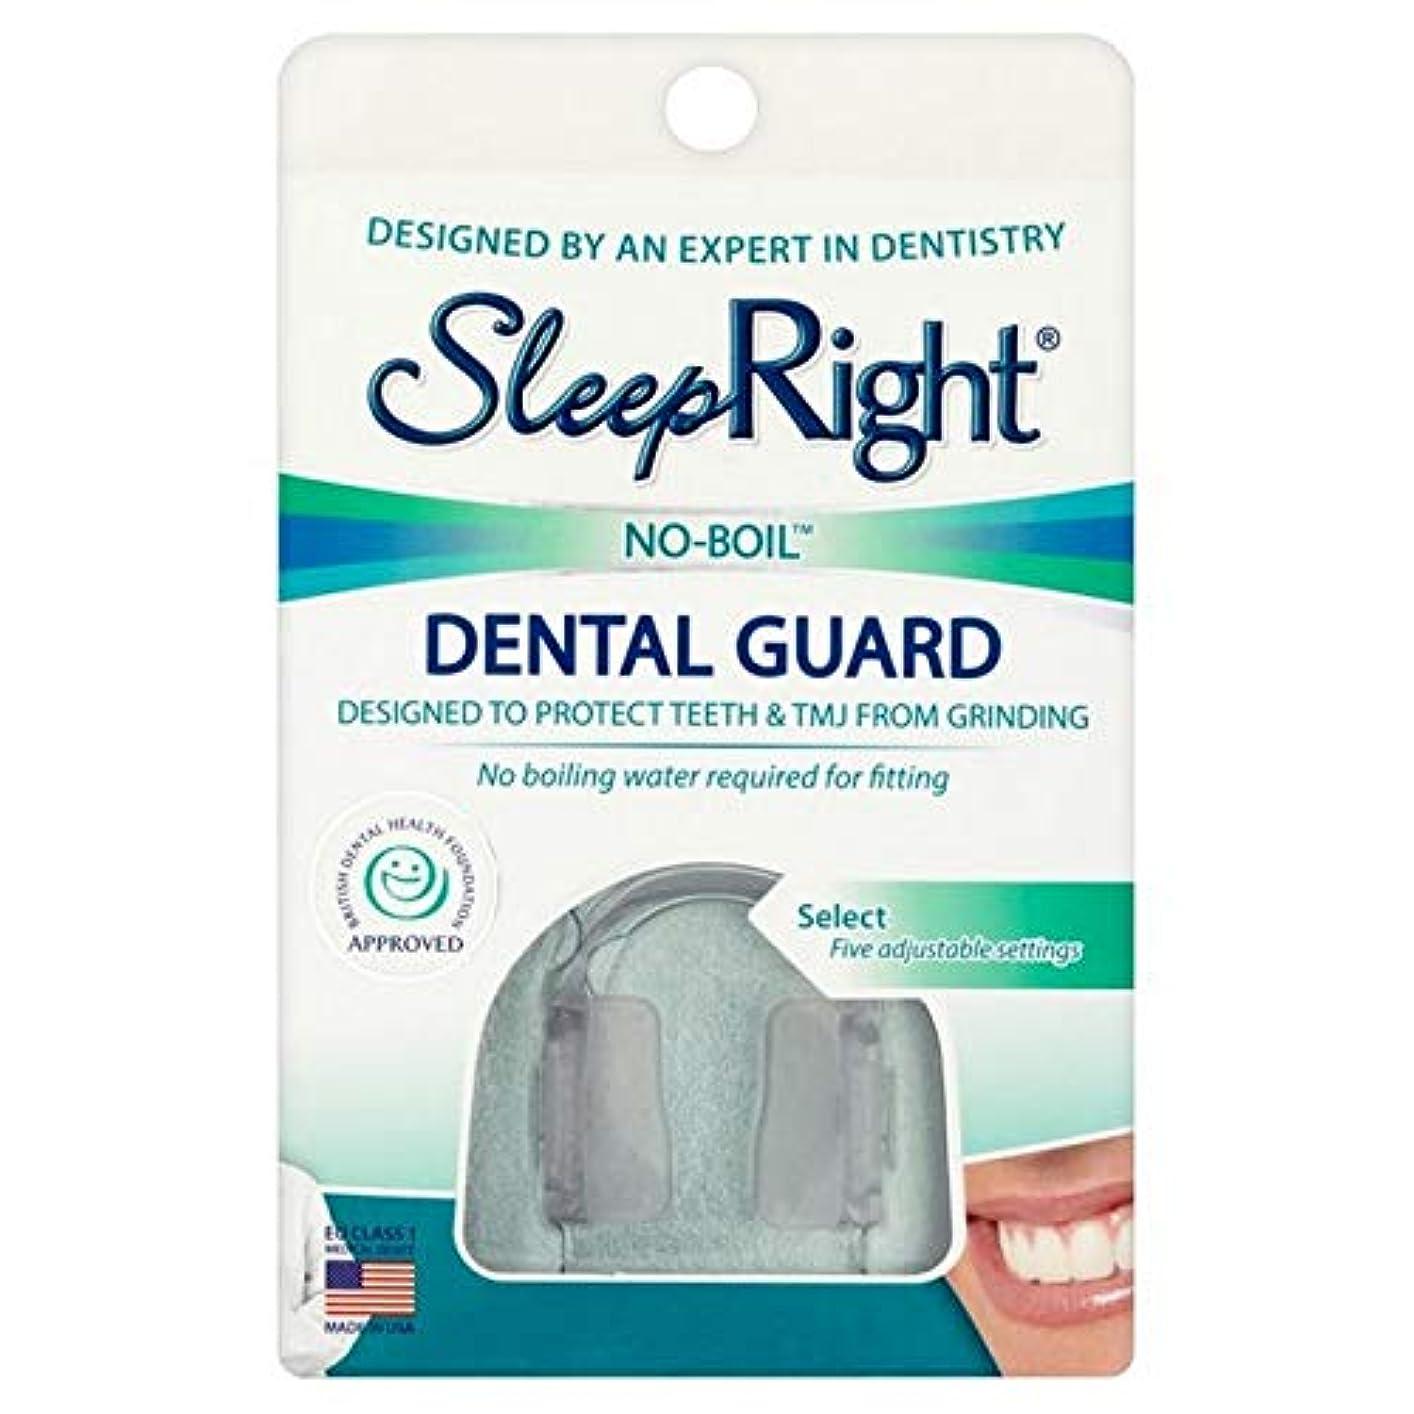 キャンペーン不名誉なクラッシュ[SleepRight] Sleepright歯科用ガードを選択 - SleepRight Select Dental Guard [並行輸入品]